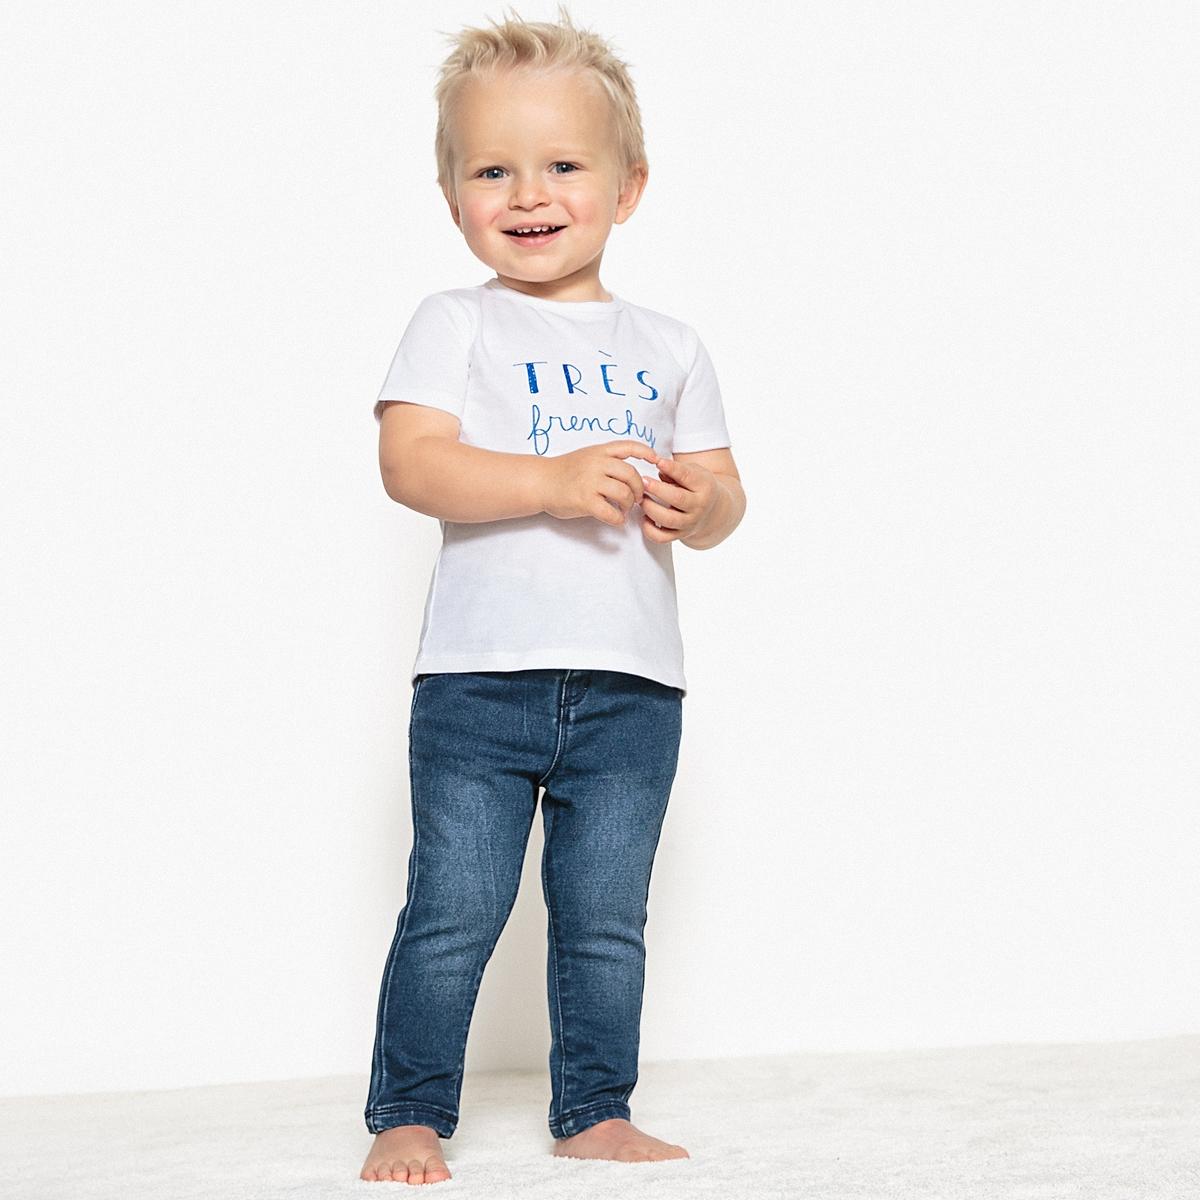 Комплект из 3 футболок с рисунком, 1 мес.- 3 лет, Oeko TexОписание:Детали •  Короткие рукава •  Круглый вырез •  Рисунок спередиСостав и уход •  100% хлопок •  Стирать при 40° •  Сухая чистка и отбеливание запрещены • Барабанная сушка на слабом режиме   • Средняя температура глажки Товарный знак Oeko-Tex® . Знак Oeko-Tex® гарантирует, что товары прошли проверку и были изготовлены без применения вредных для здоровья человека веществ.<br><br>Цвет: белый + синий + в полоску<br>Размер: 3 года - 94 см.2 года - 86 см.18 мес. - 81 см.1 год - 74 см.9 мес. - 71 см.6 мес. - 67 см.3 мес. - 60 см.1 мес. - 54 см